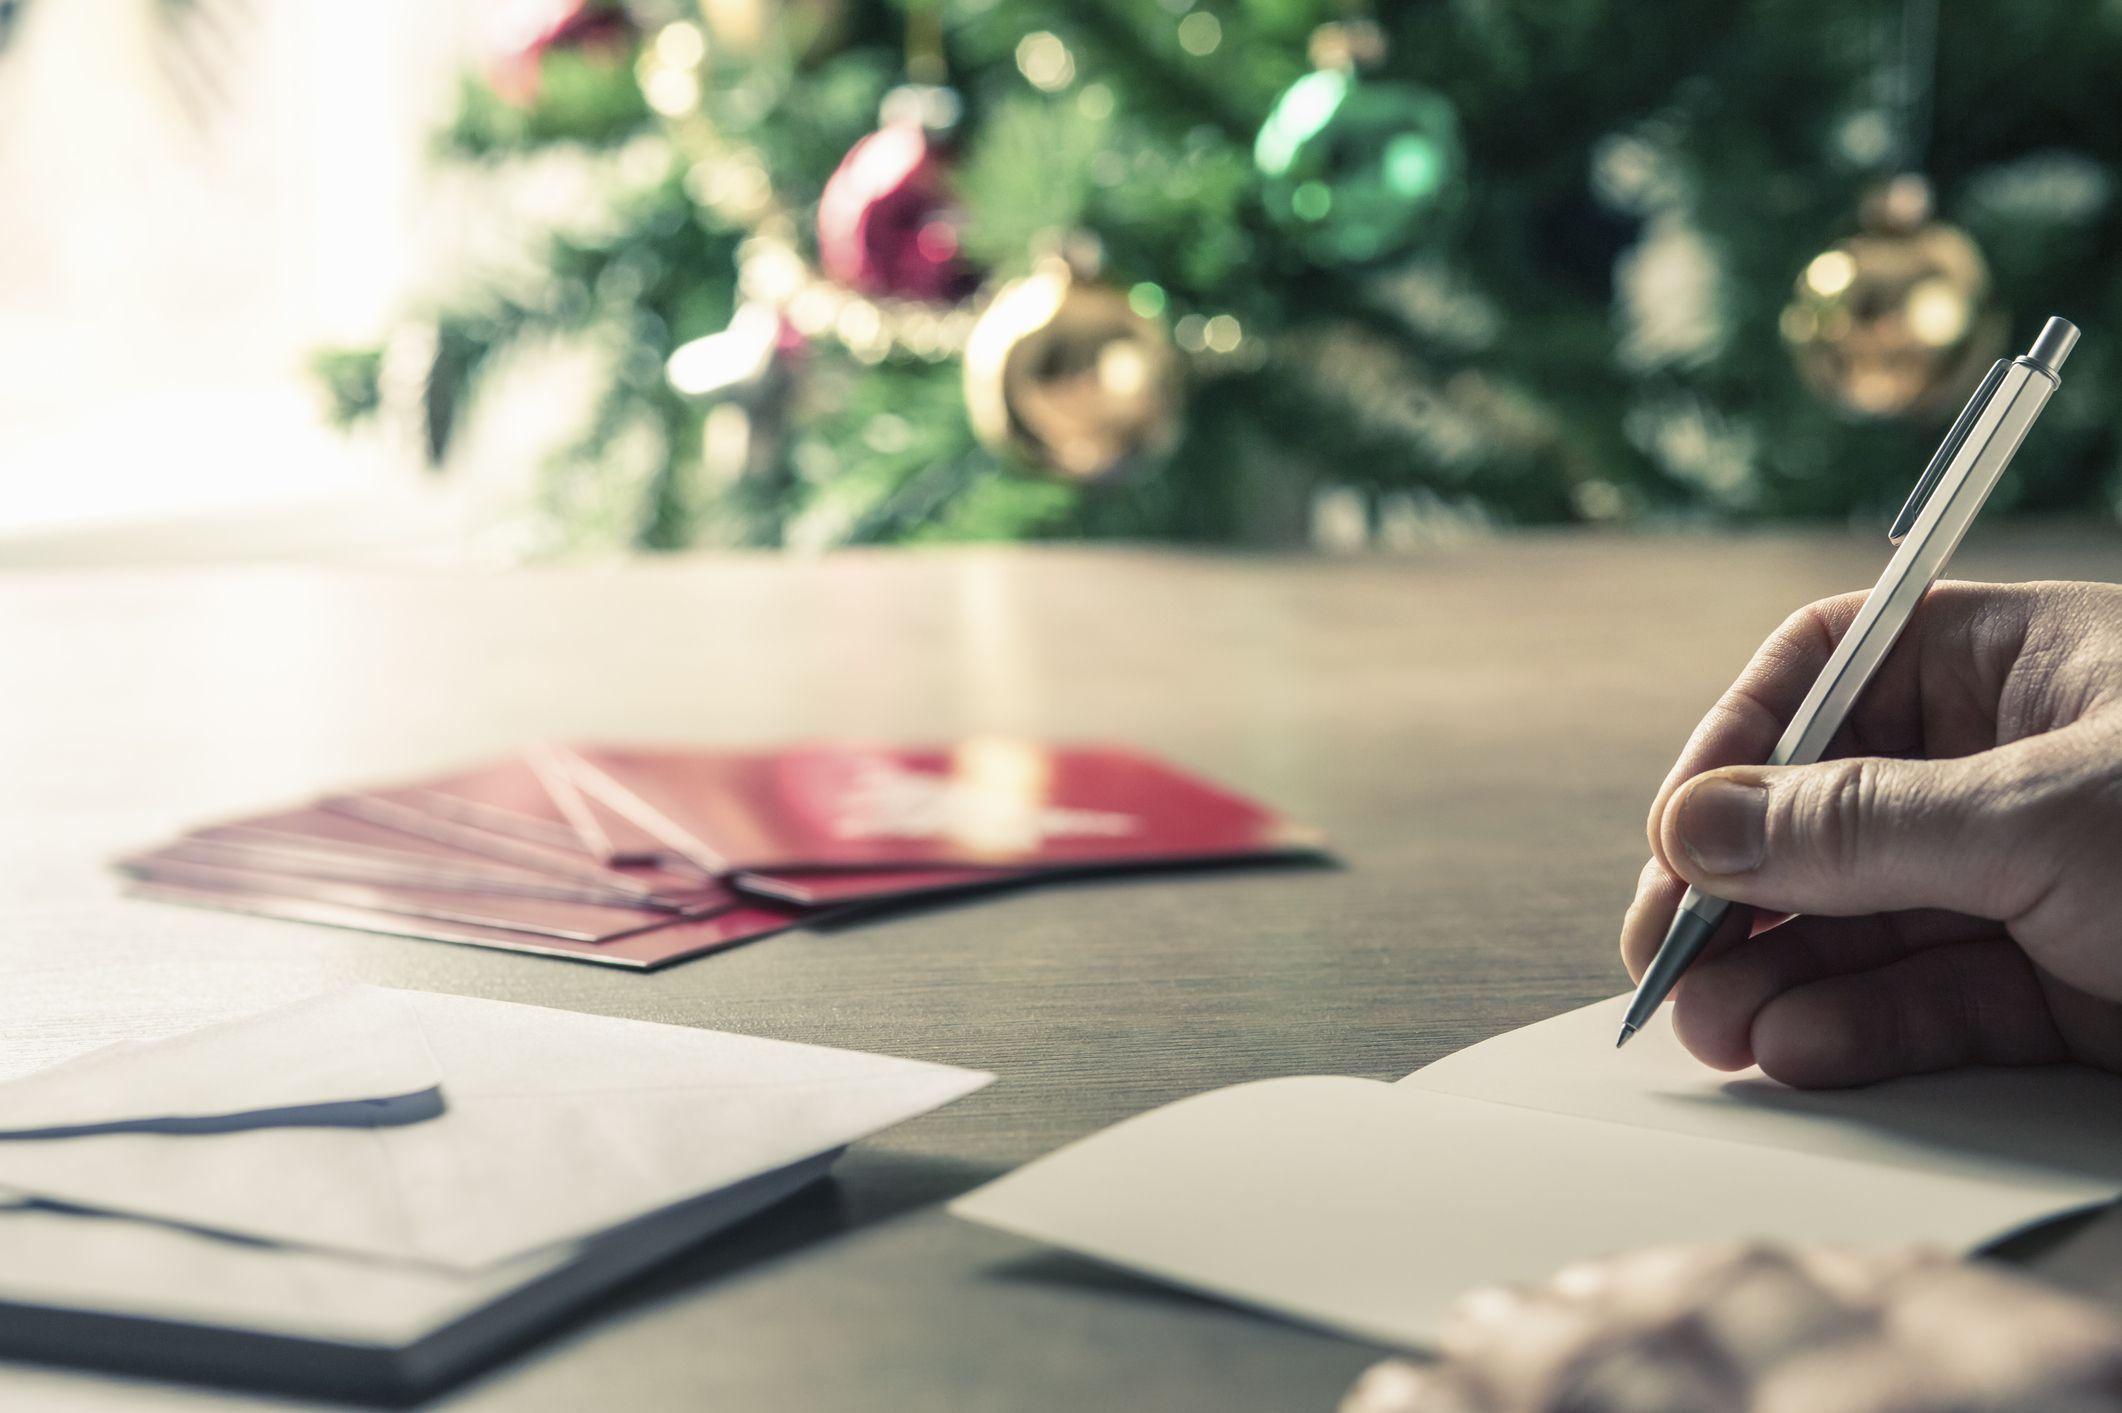 Felicitaciones Escritas De Navidad.Deseos De Navidad En Ingles